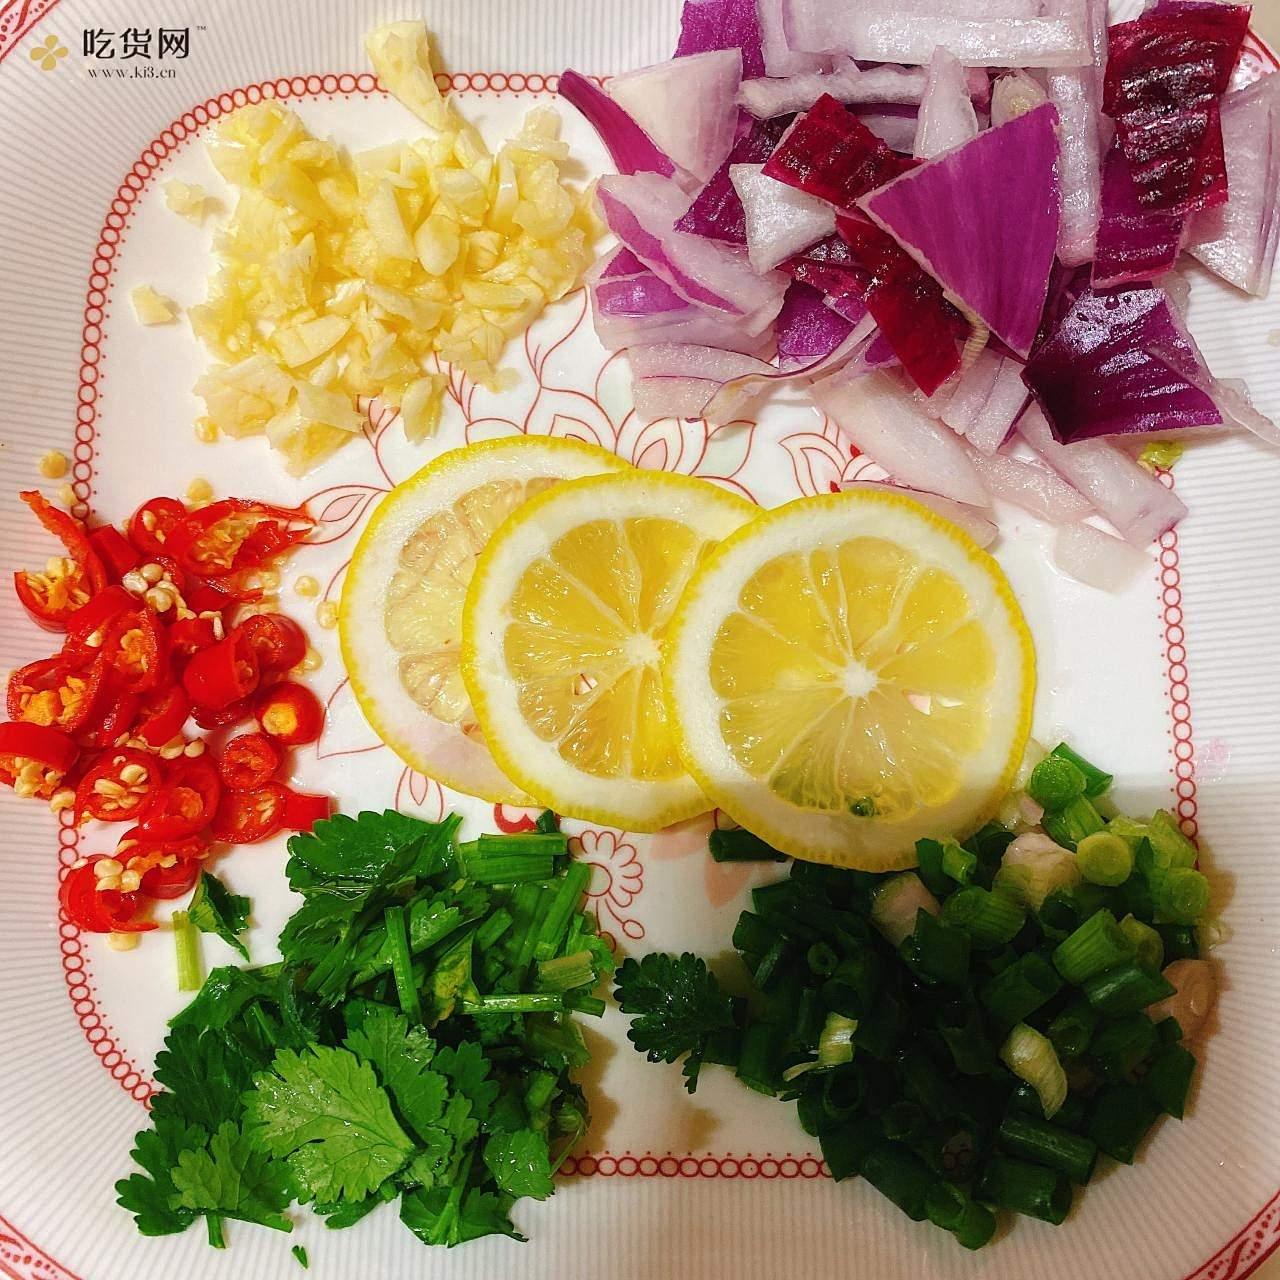 网红鸡爪🍋(柠檬酸辣鸡爪--零失败)的做法 步骤5